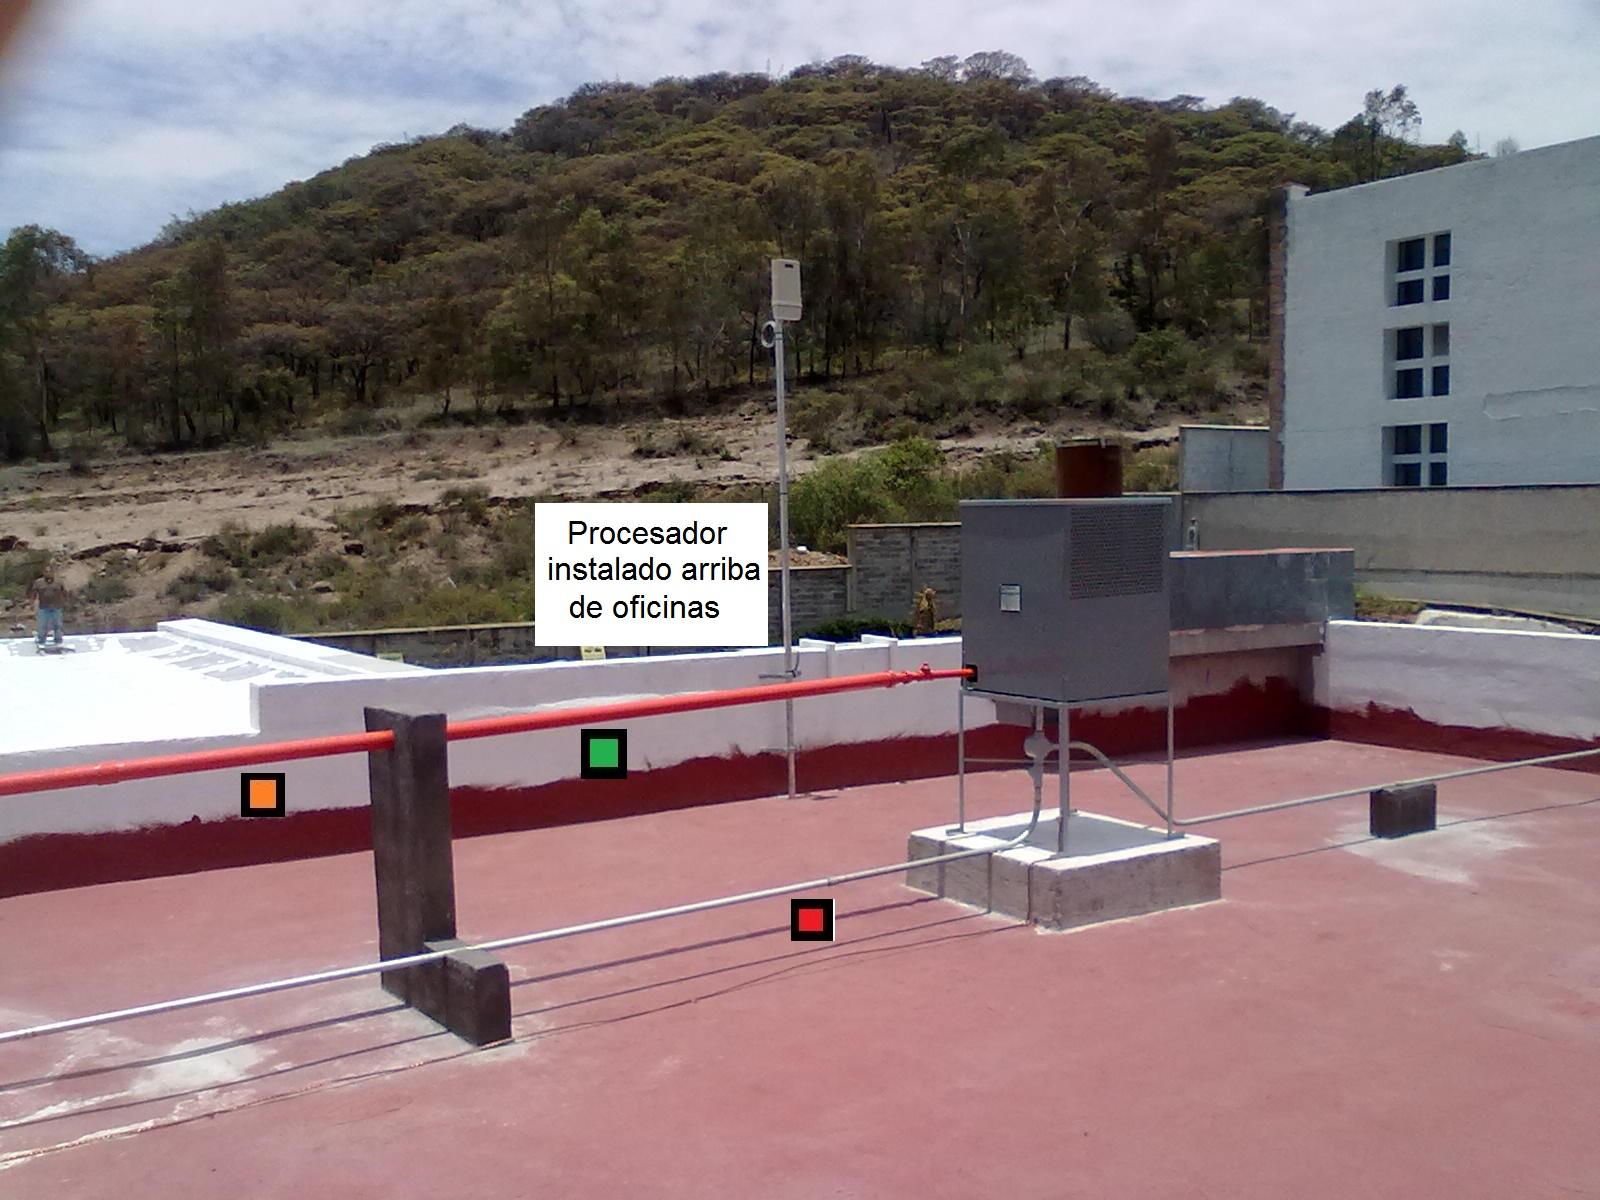 procesador en estacion de servicio